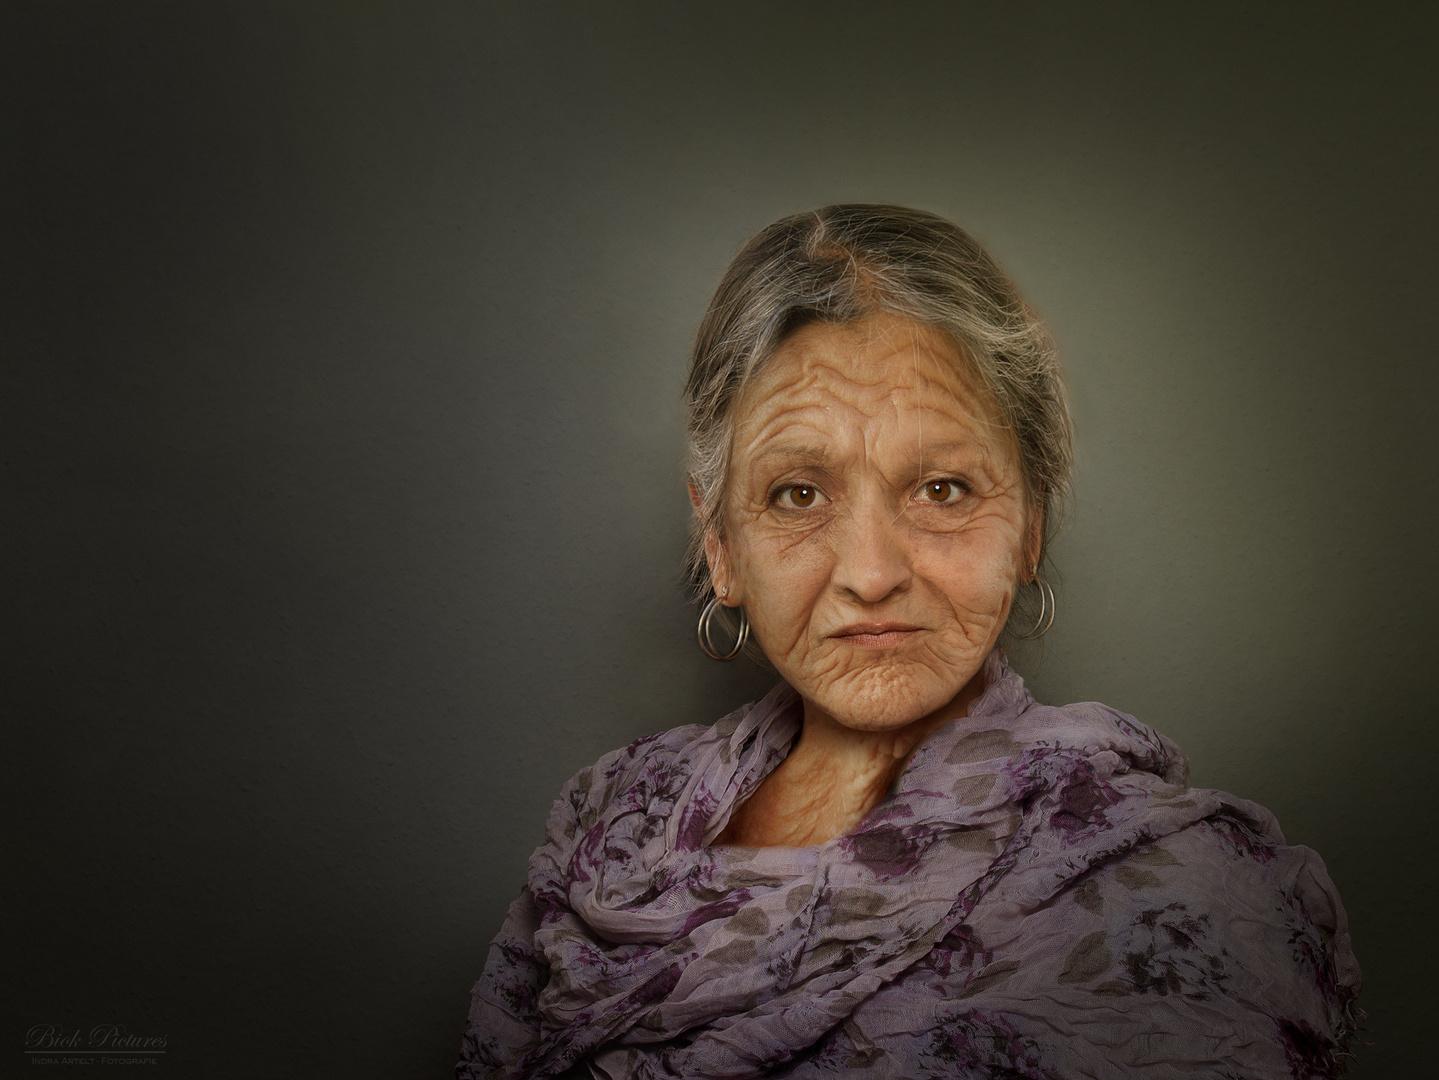 Die alte Frau